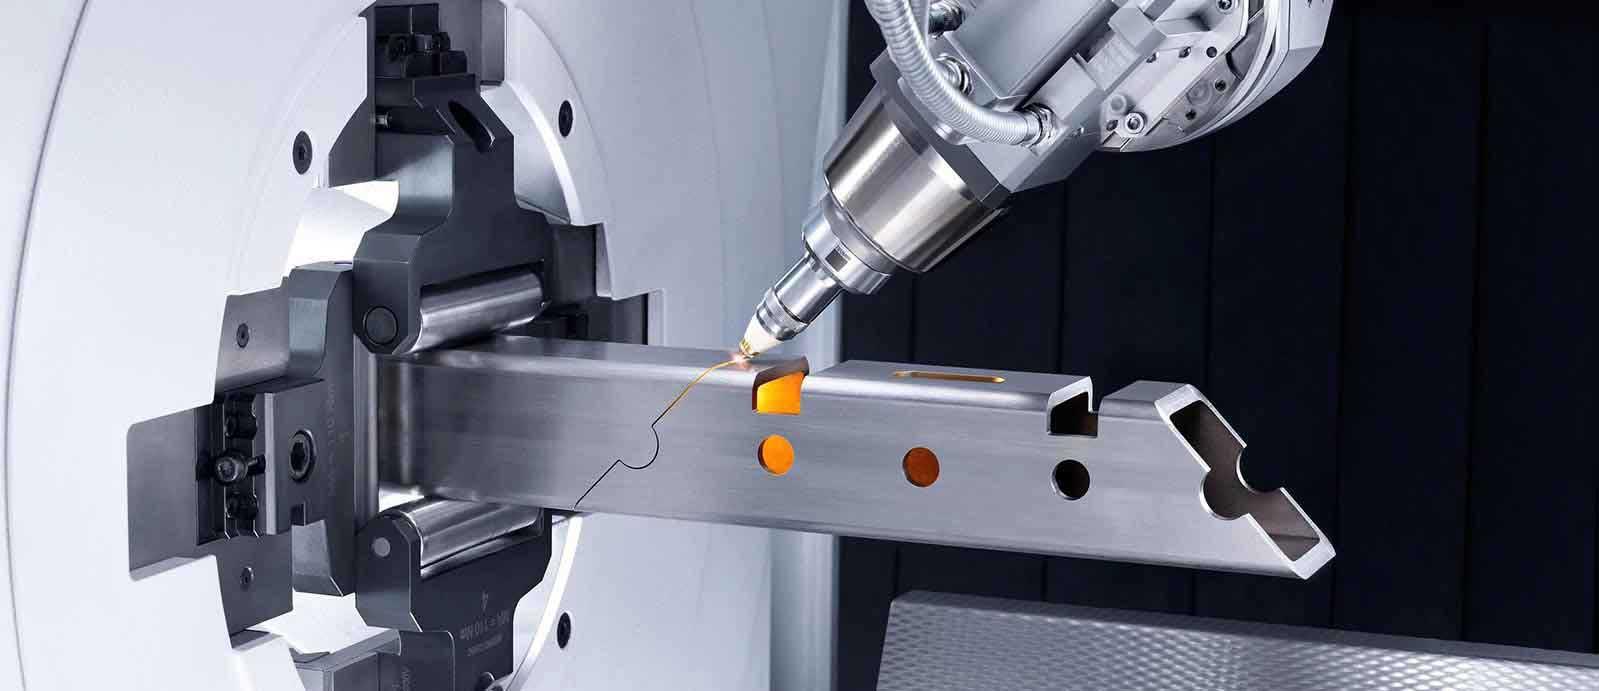 Amostras de corte de metal a laser